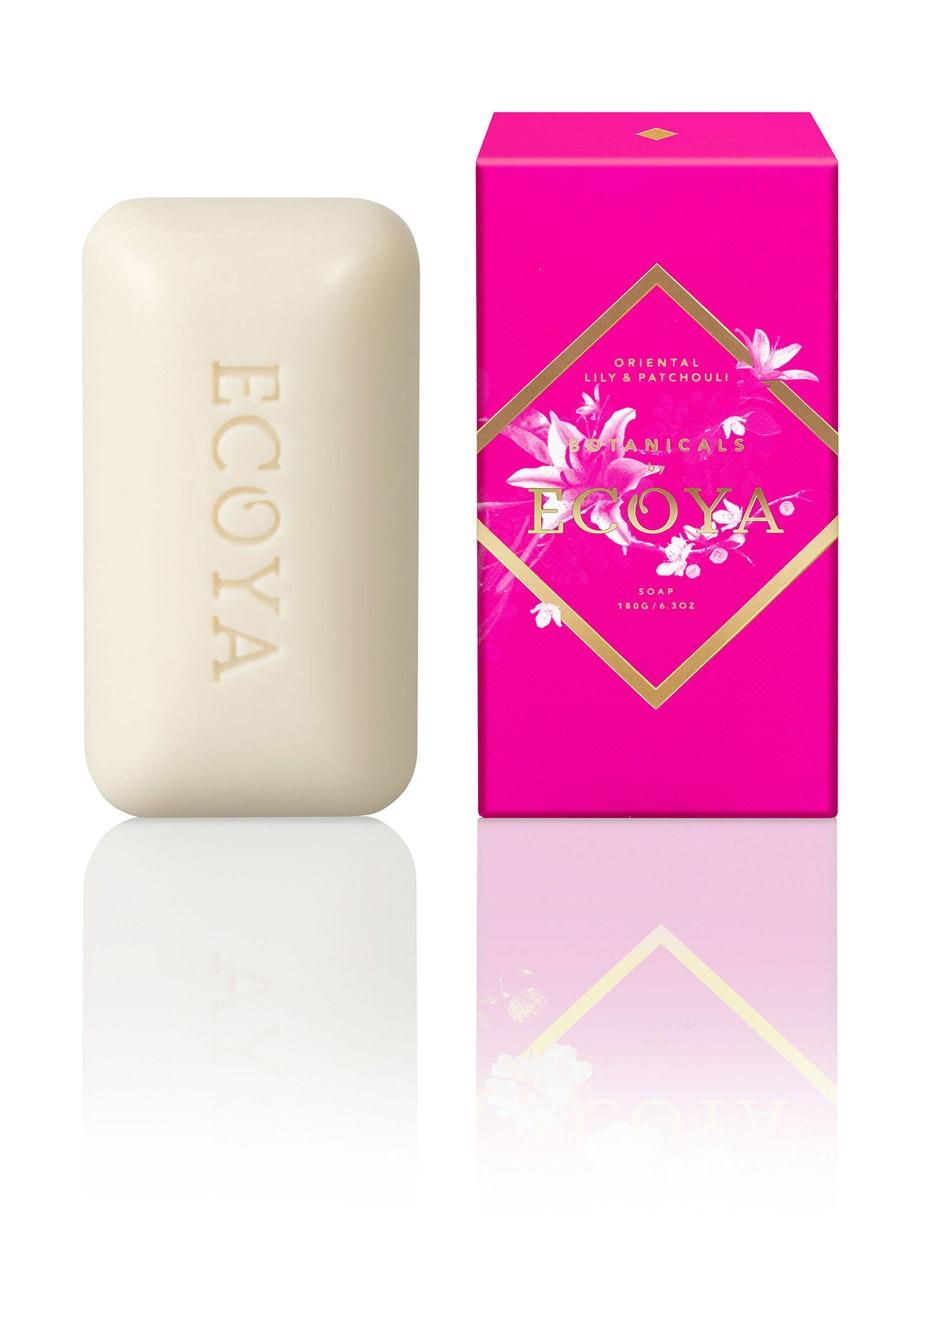 Ecoya - Soap - Oriental Lily & Patchouli